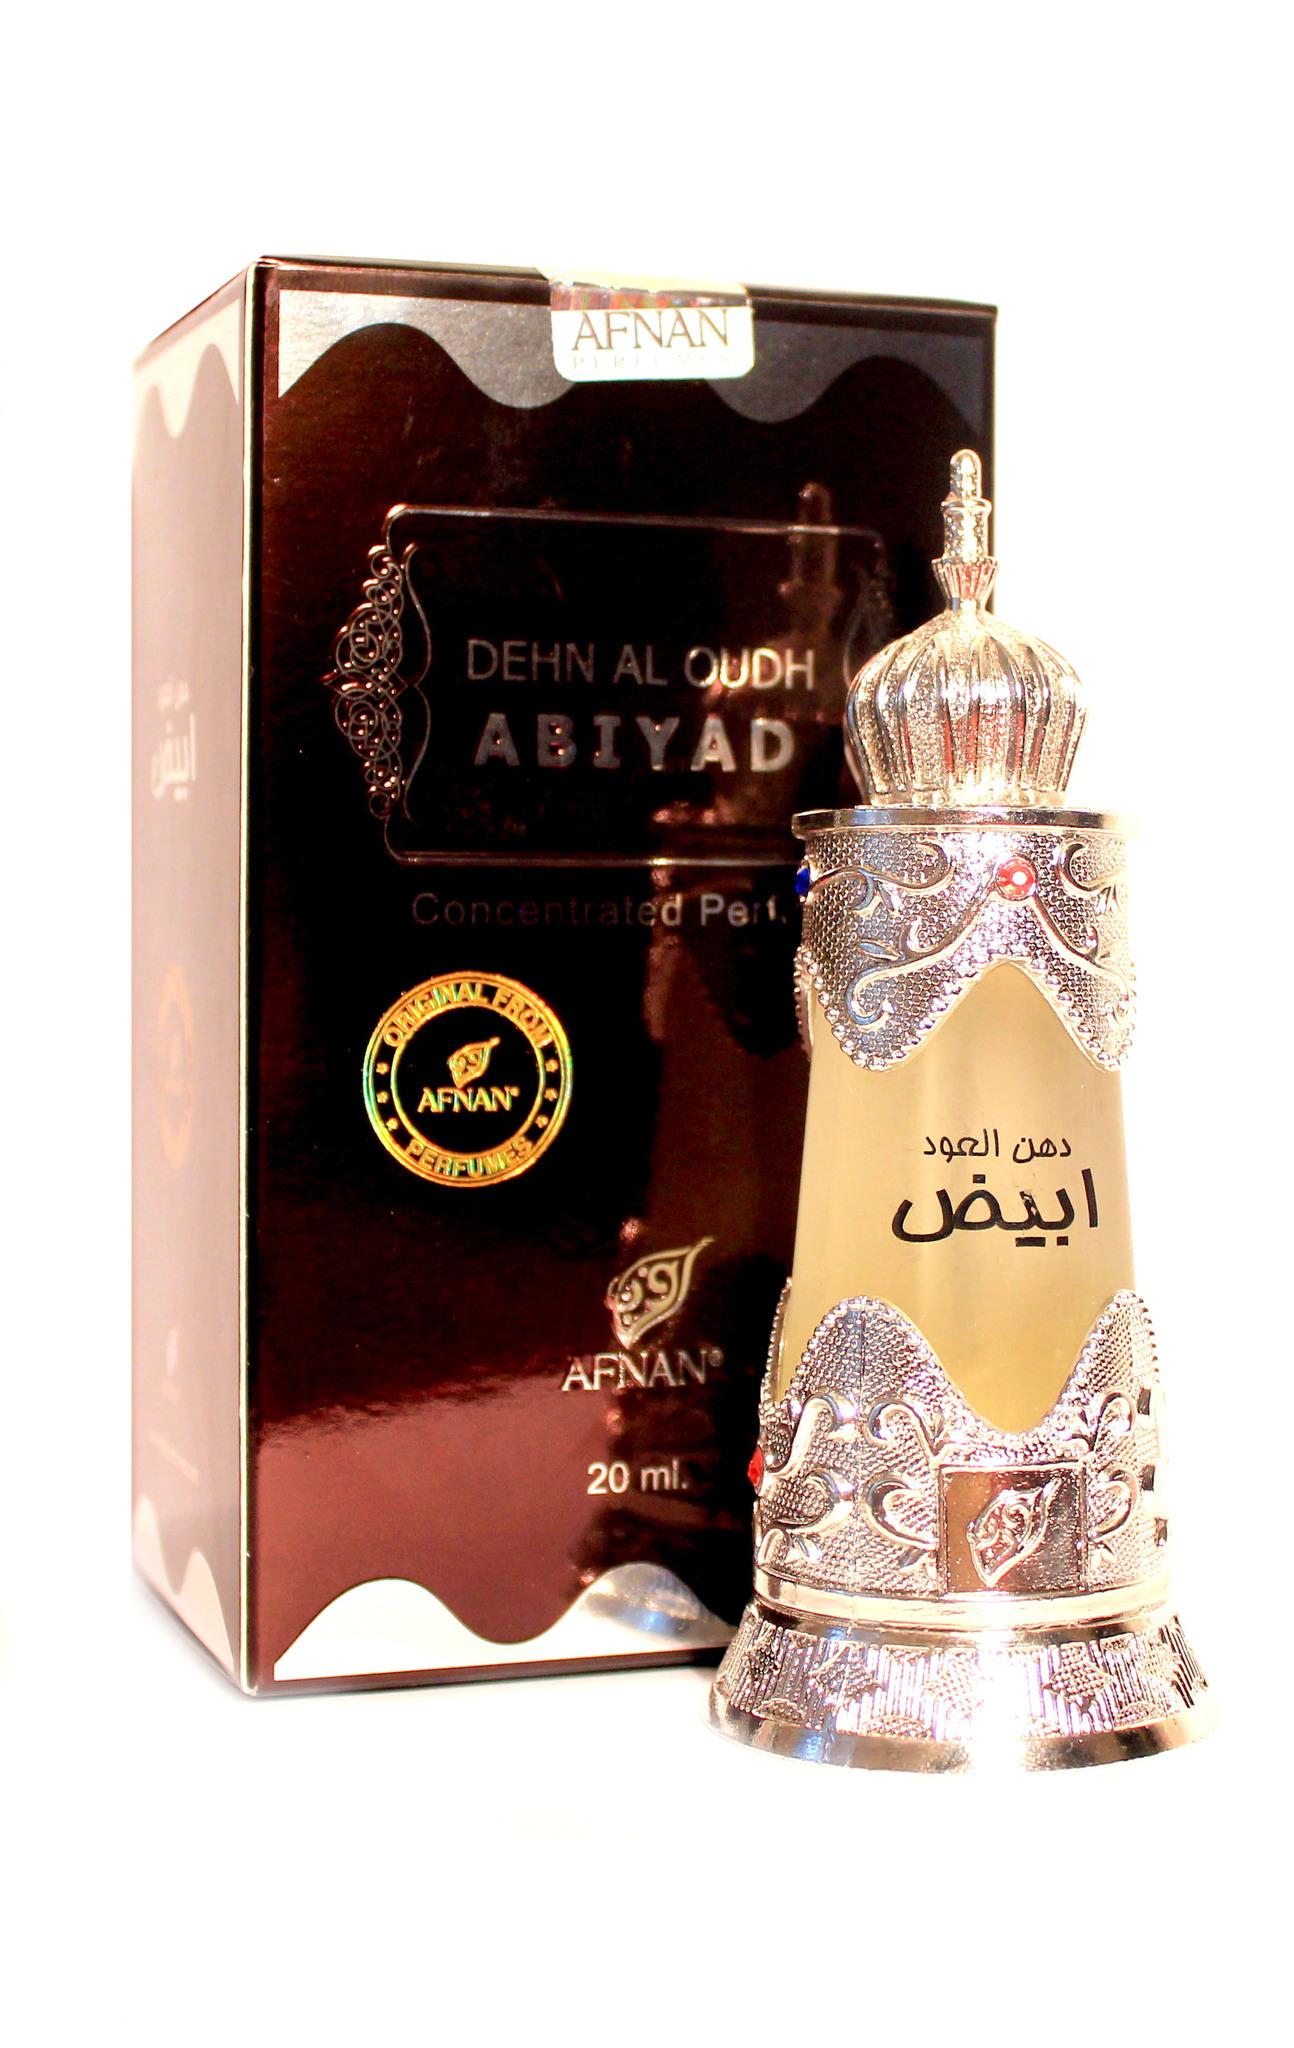 Пробник для Dehn Al Oudh Abiyad Дан Аль Уд Абияд 1 мл арабские масляные духи от Афнан Парфюм Afnan Perfumes